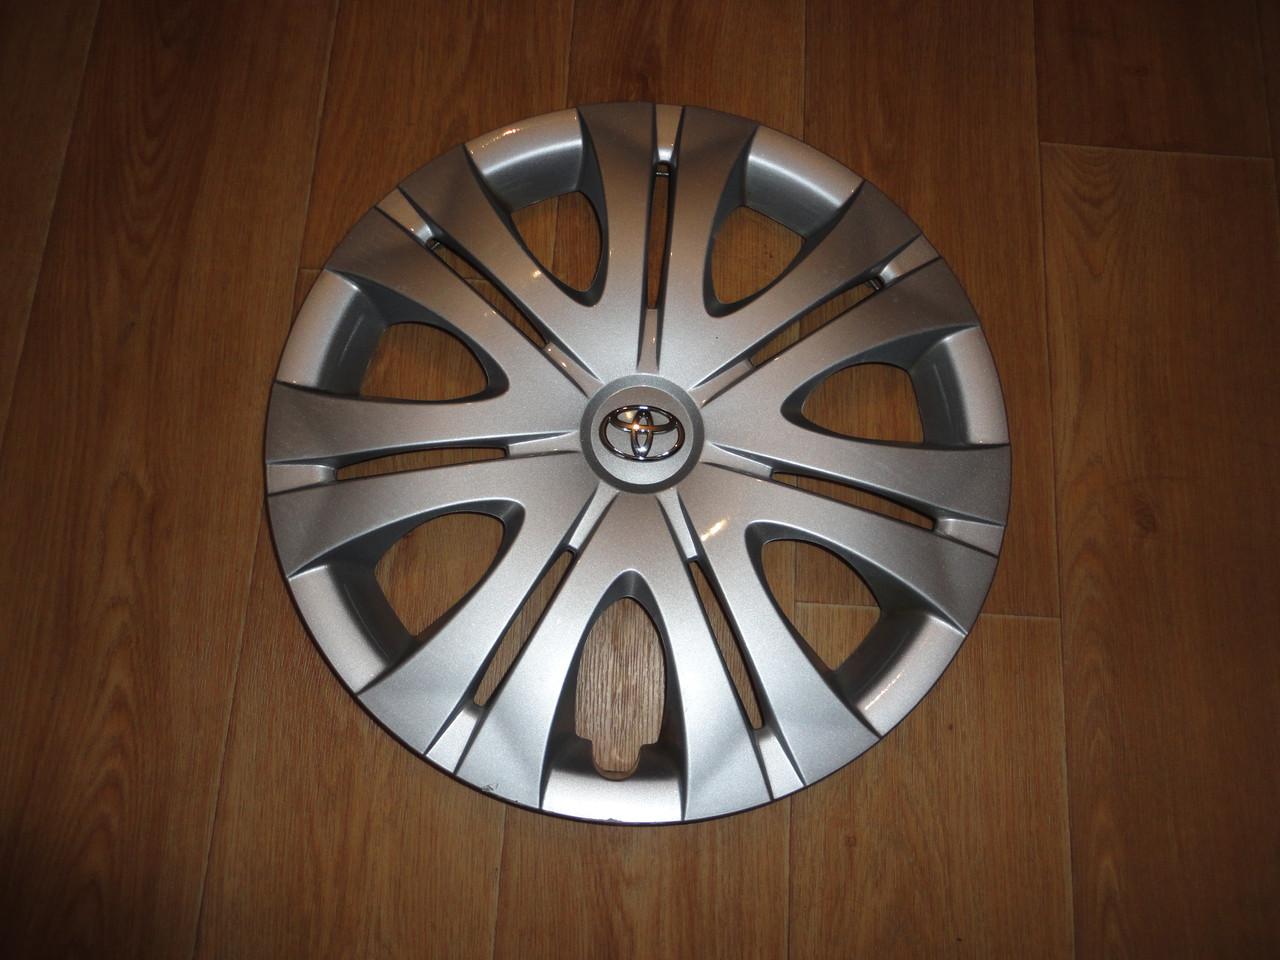 Купить шины, диски и колеса в Архангельской области на Avito